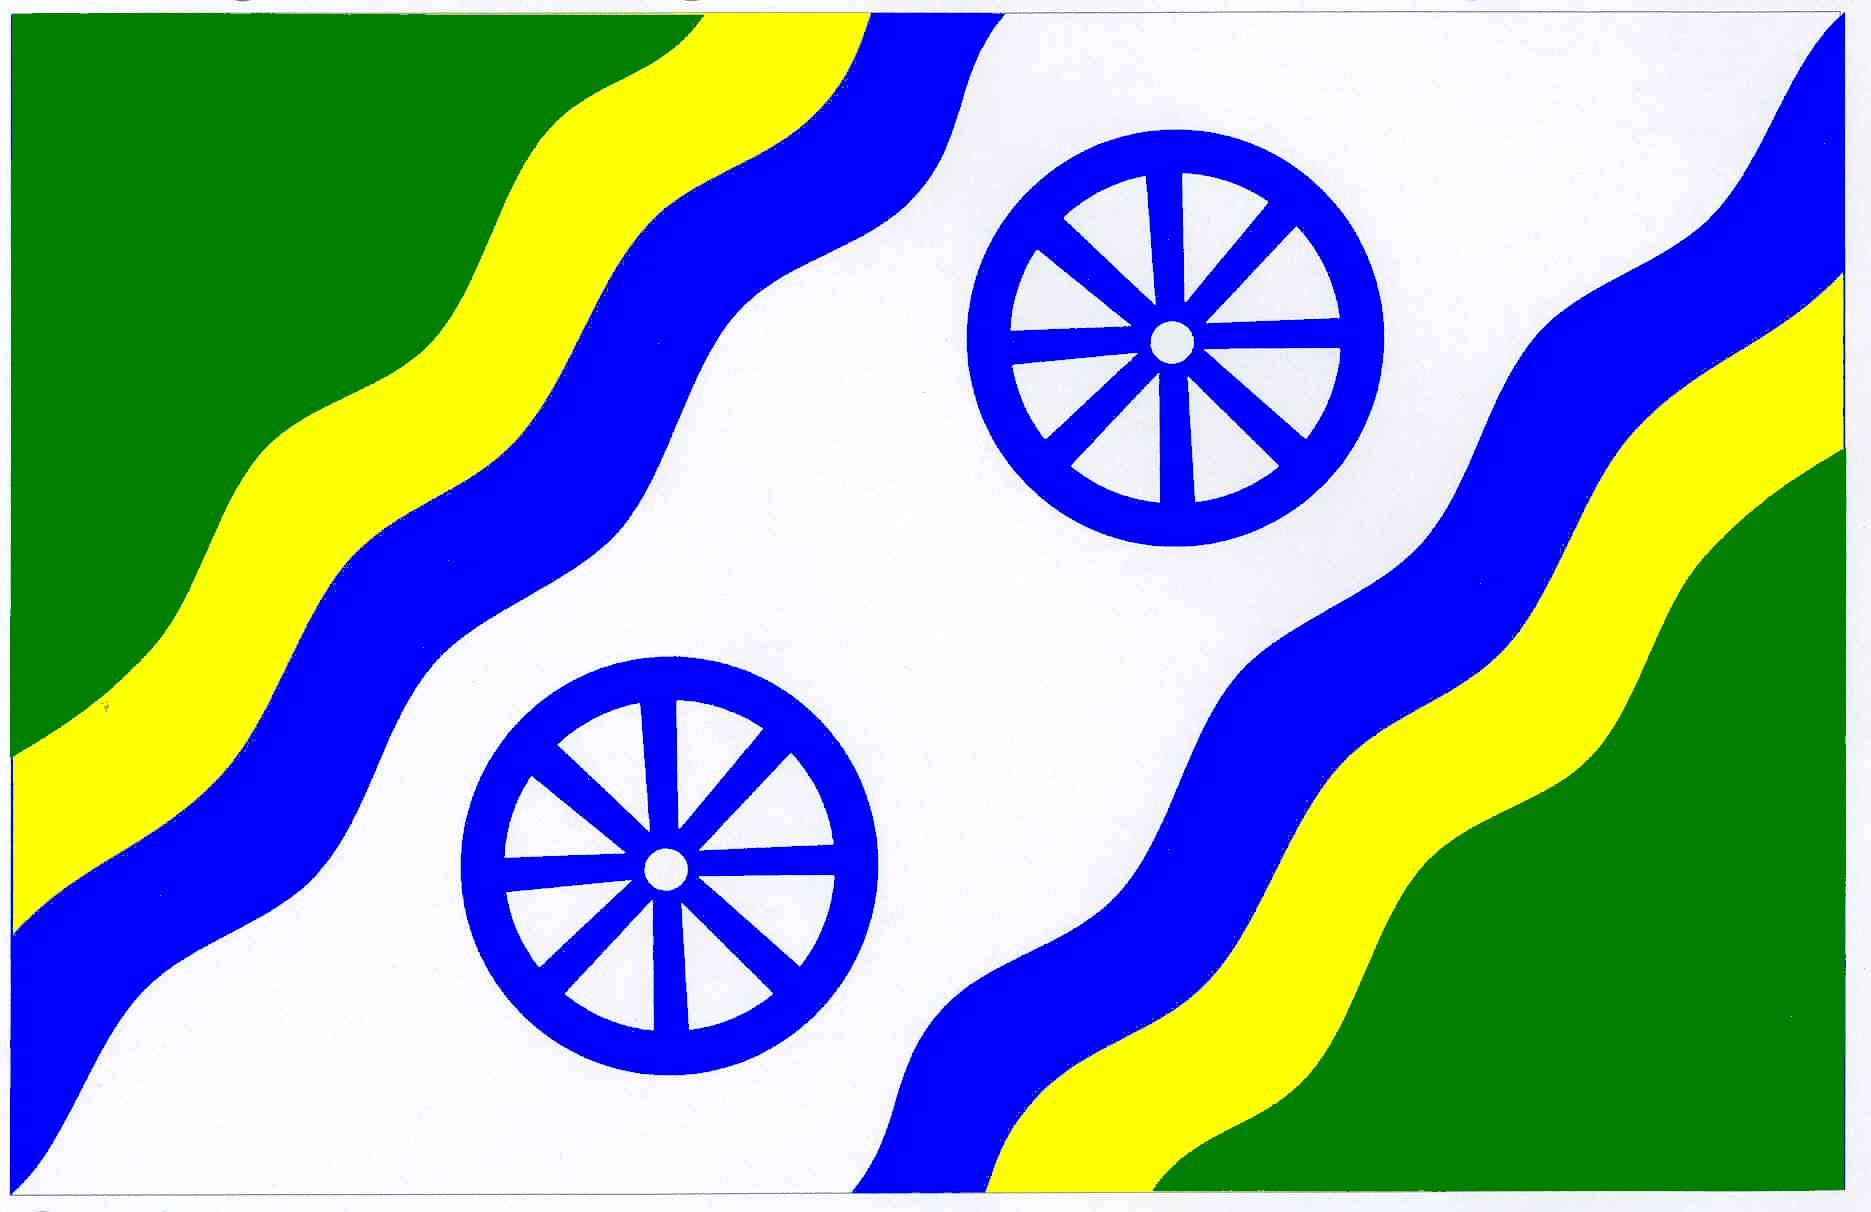 Flagge GemeindeSüderfahrenstedt, Kreis Schleswig-Flensburg